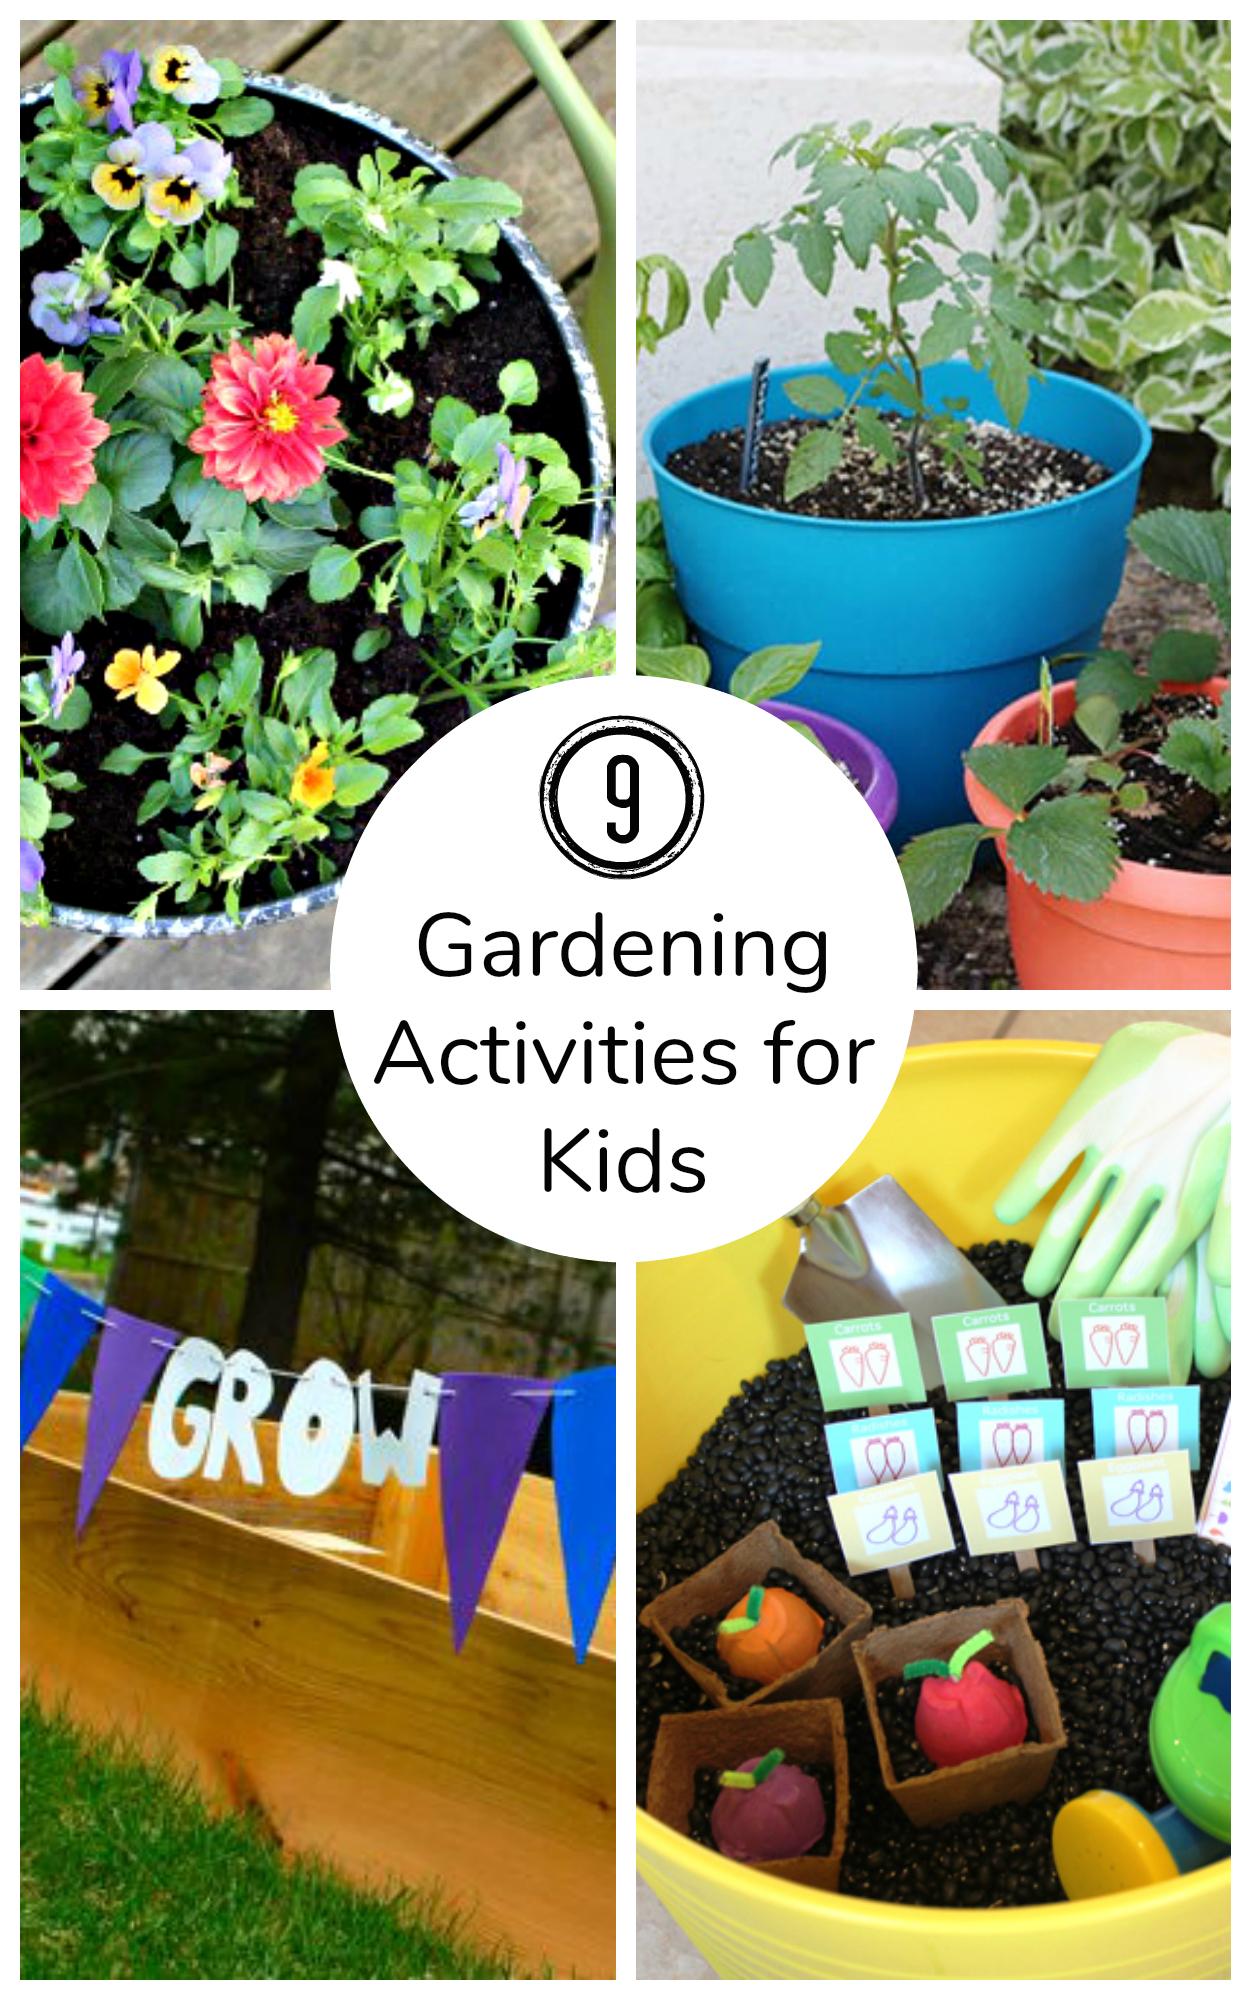 9 Fun Gardening Activities for Kids